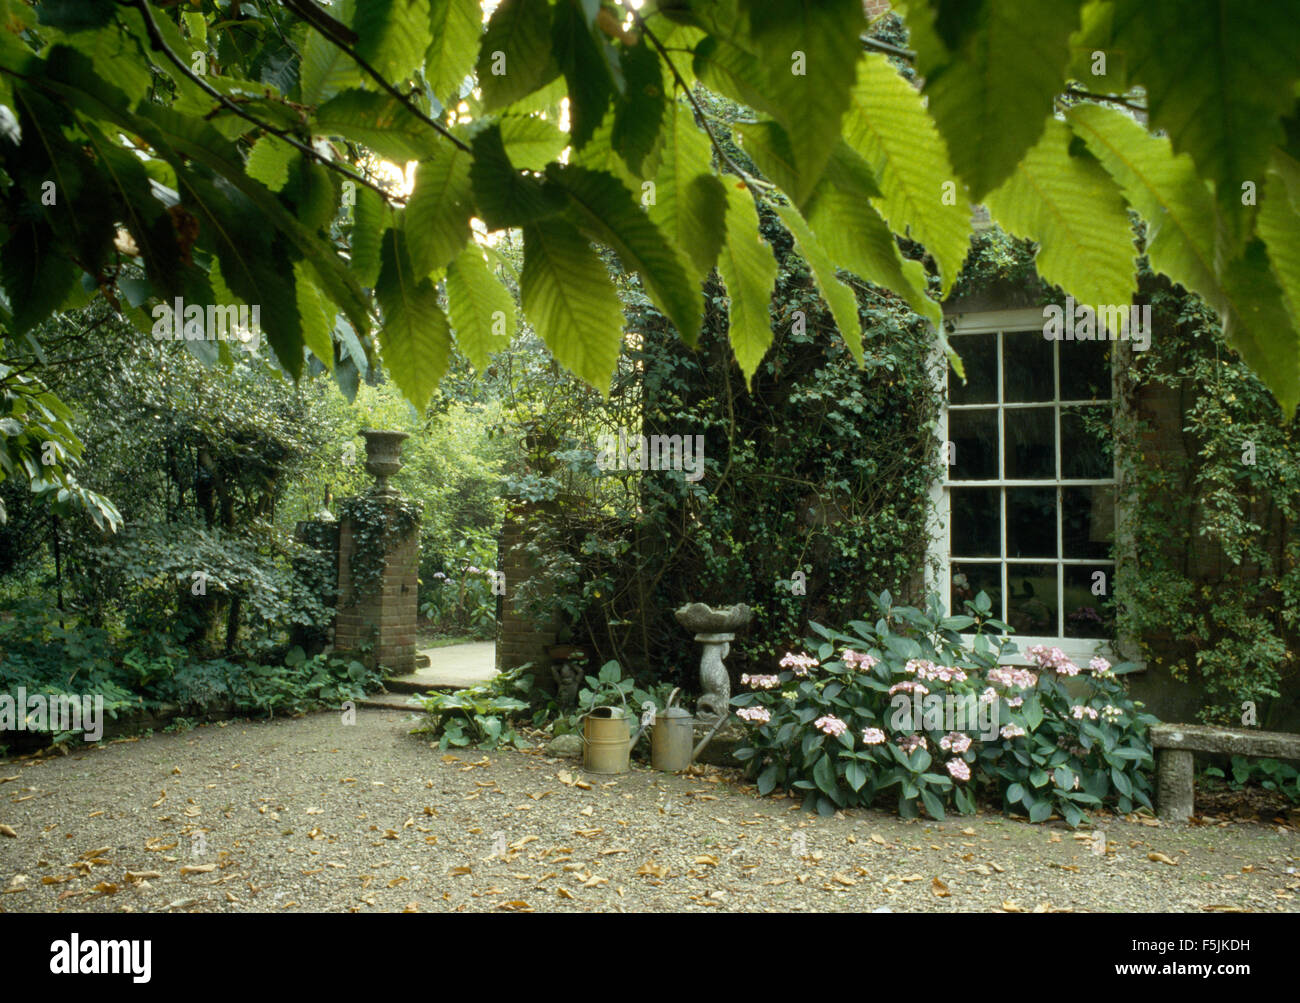 Hortensien Wachsen Unter Grossen Landhaus Fenster Stockfoto Bild